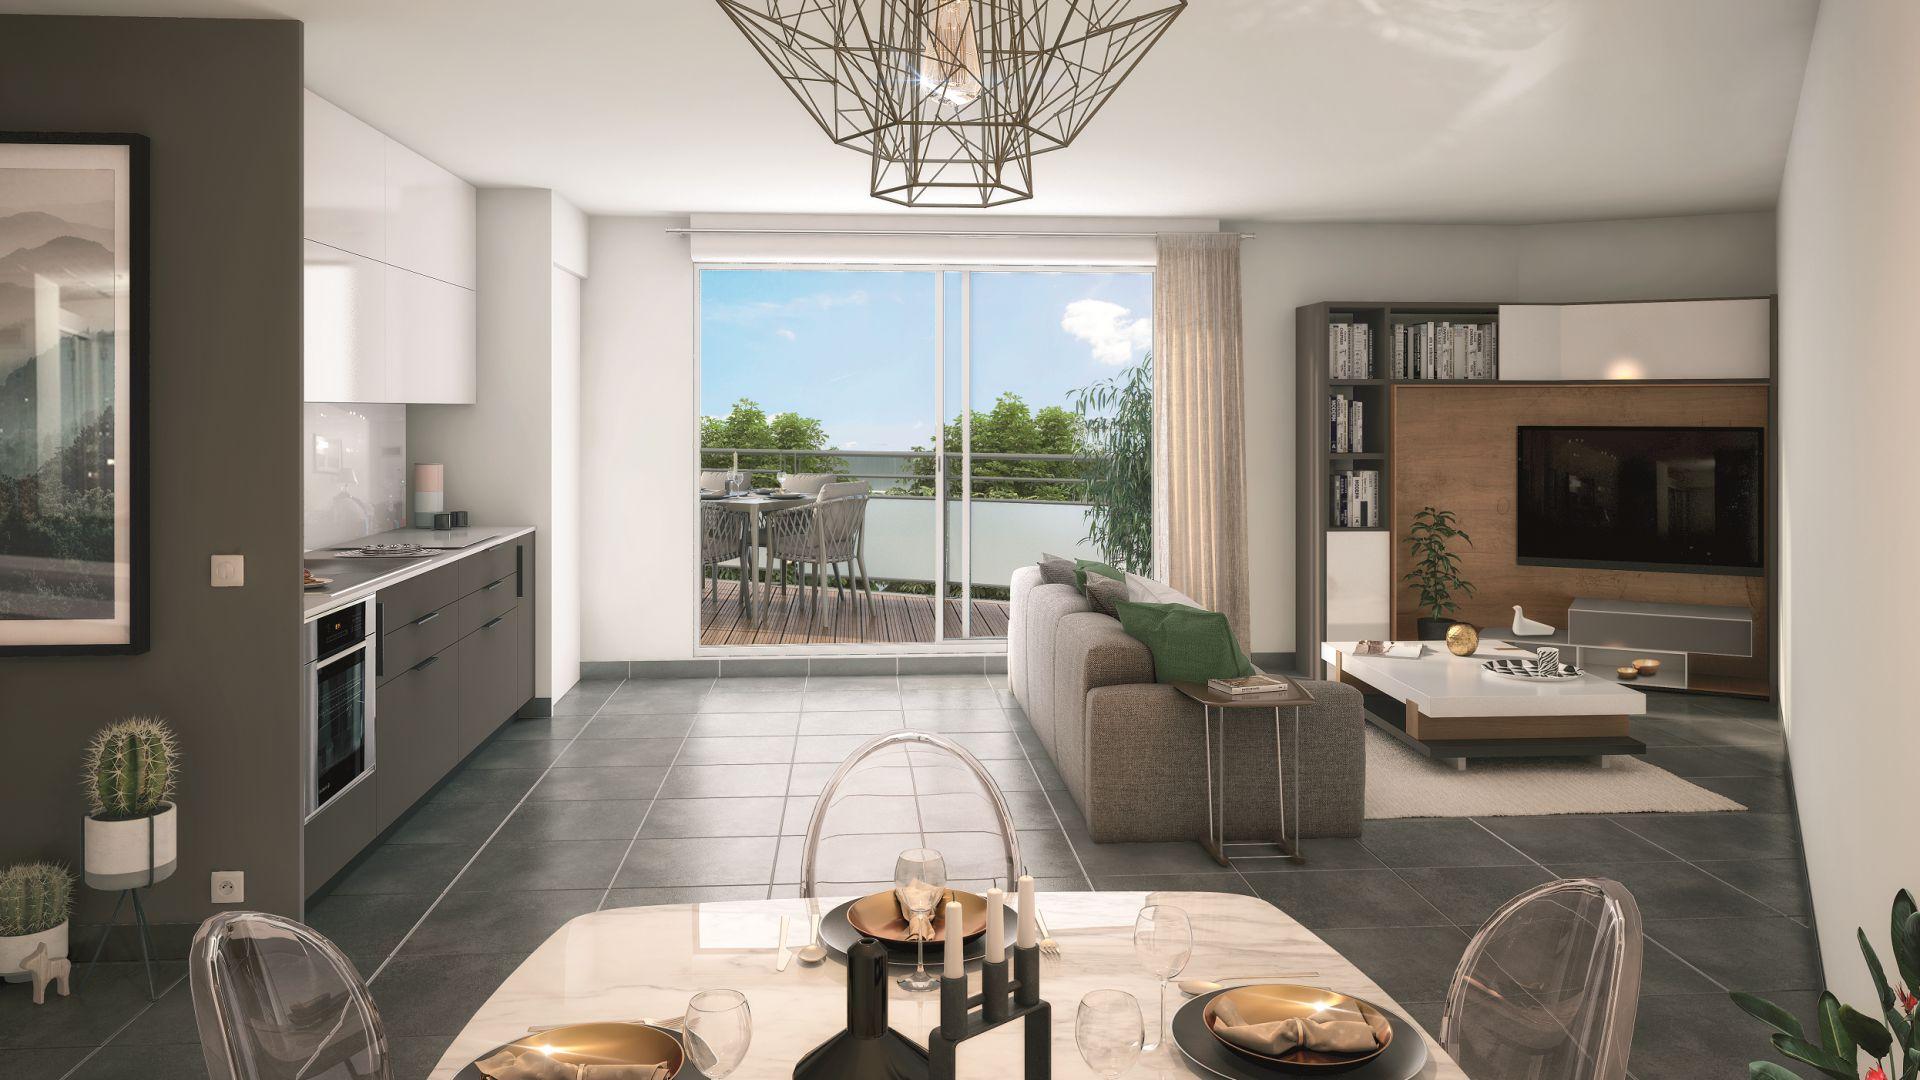 GreenCity Immobilier - Chennevières sur Marne - 94430 - appartement du T2 au T4 - vue intérieure